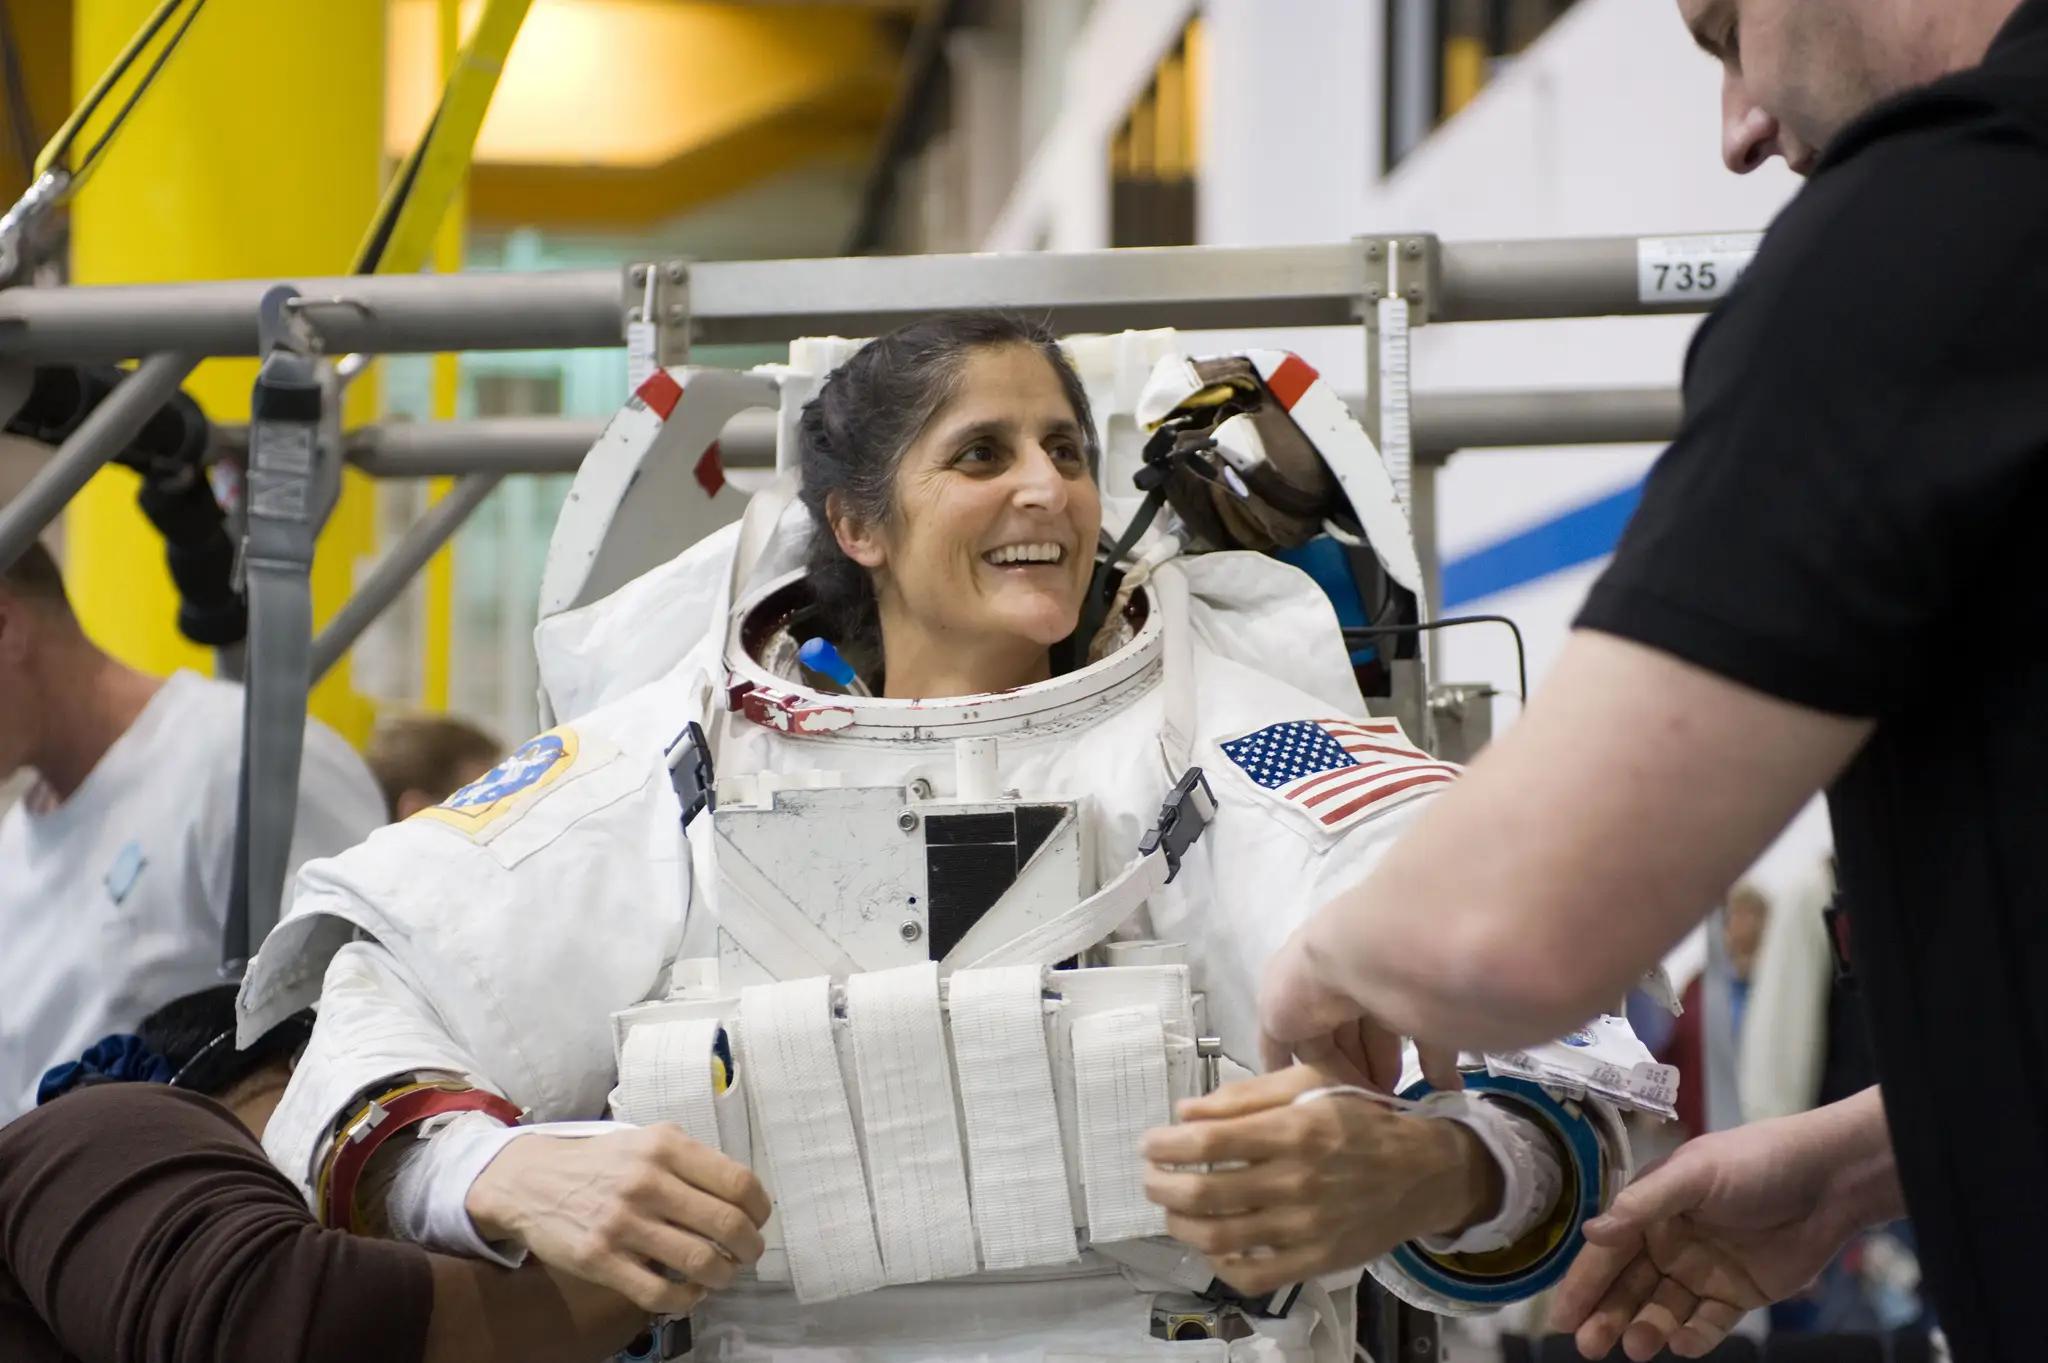 Астронавт NASA Сунита Уильямс во время тренировки